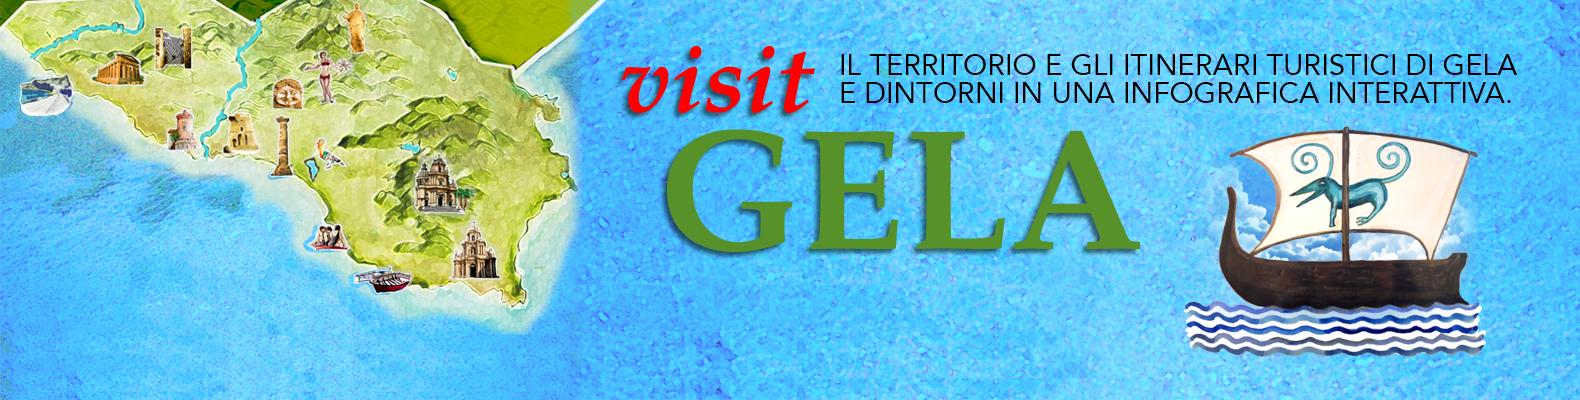 banner-visit.gela